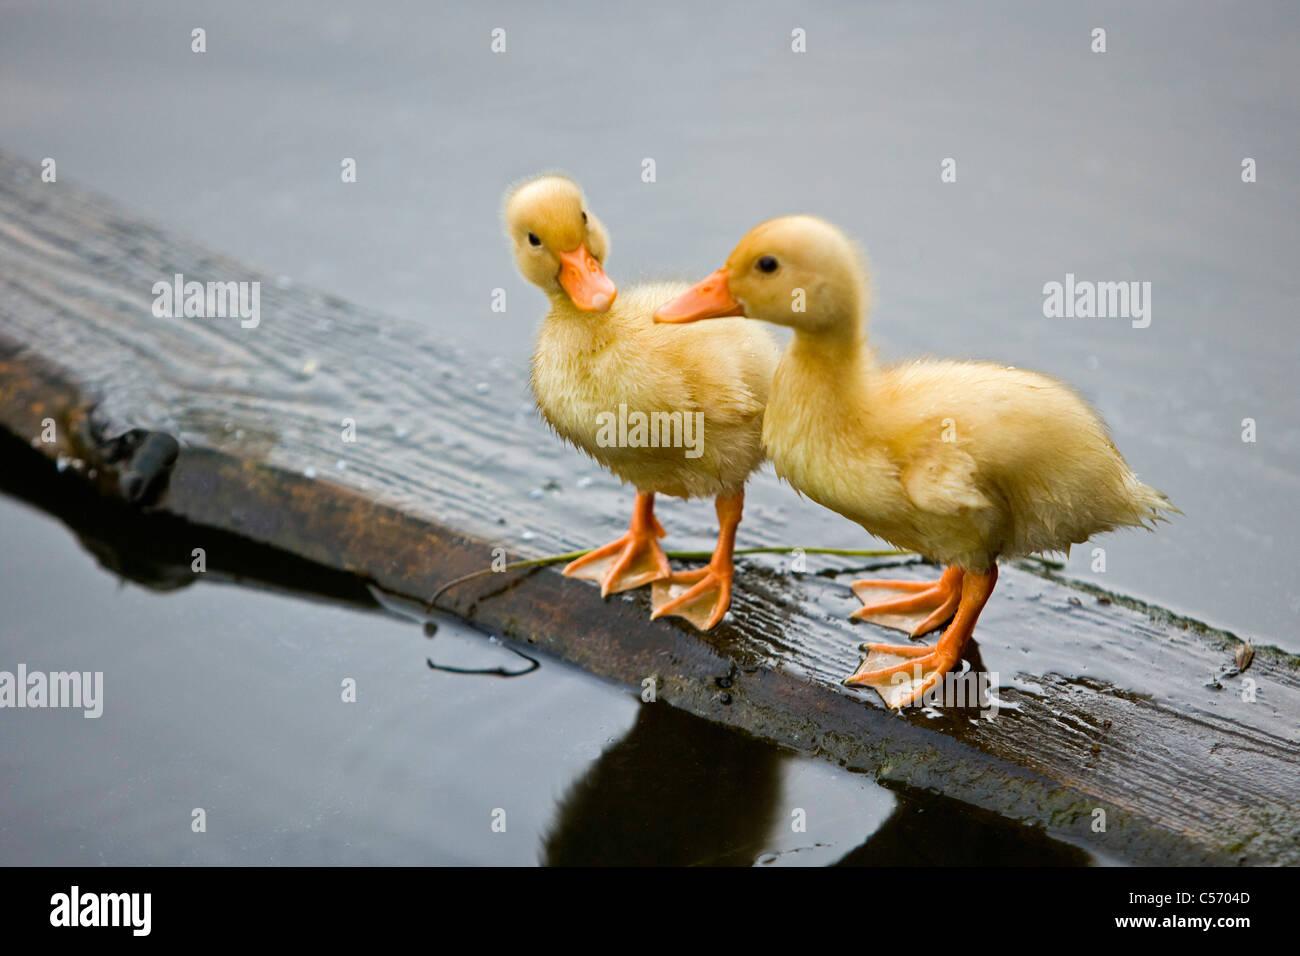 Los Países Bajos, 's-Graveland. Wild duckings sobre madera Imagen De Stock